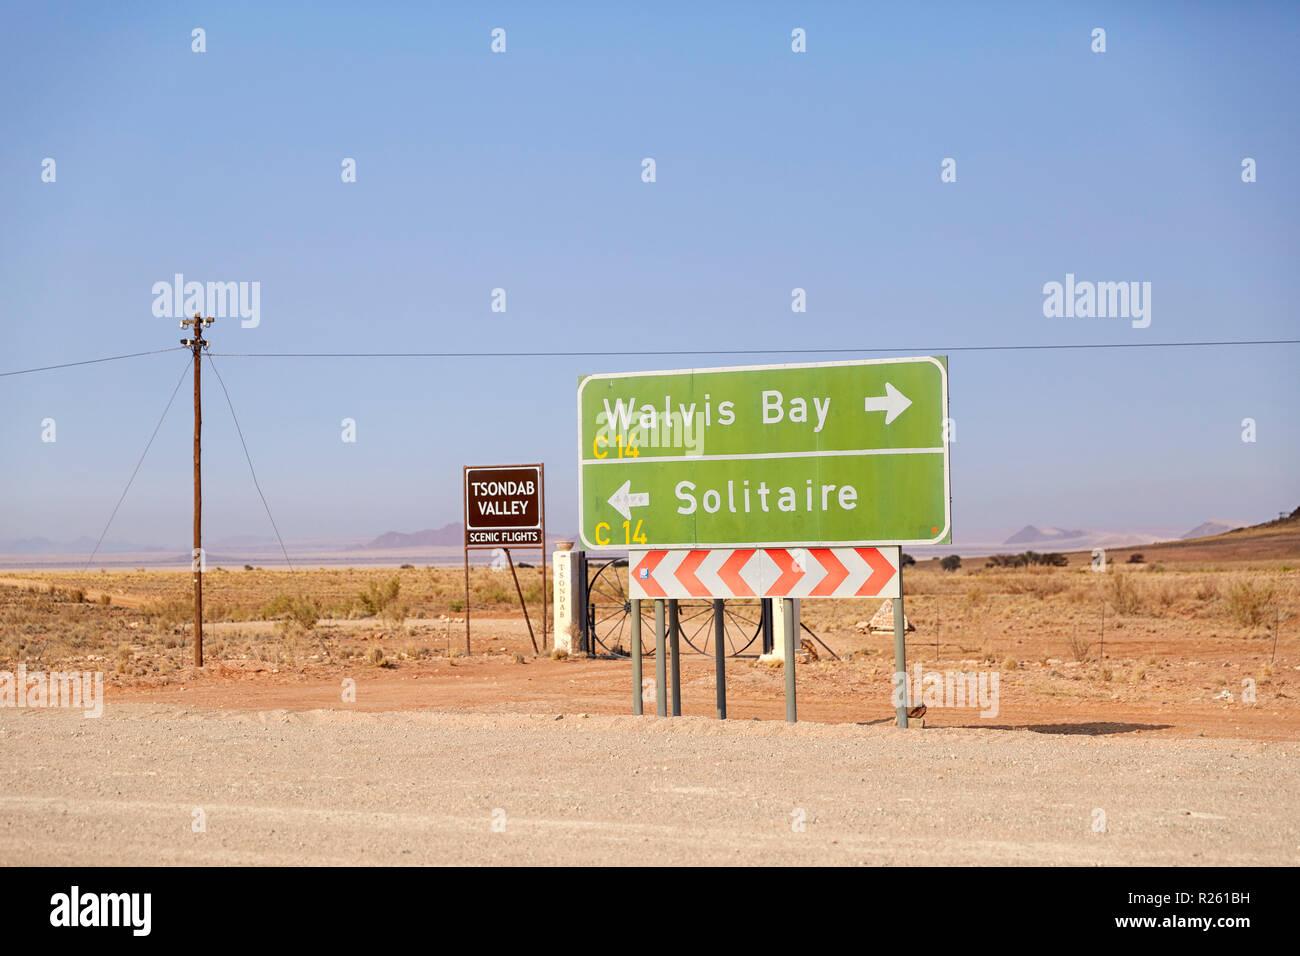 Walvis Bay et Solitaire sur la route direction C 14 près de Walvis Bay en Namibie, dans la vallée de Tsondab Sud Photo Stock